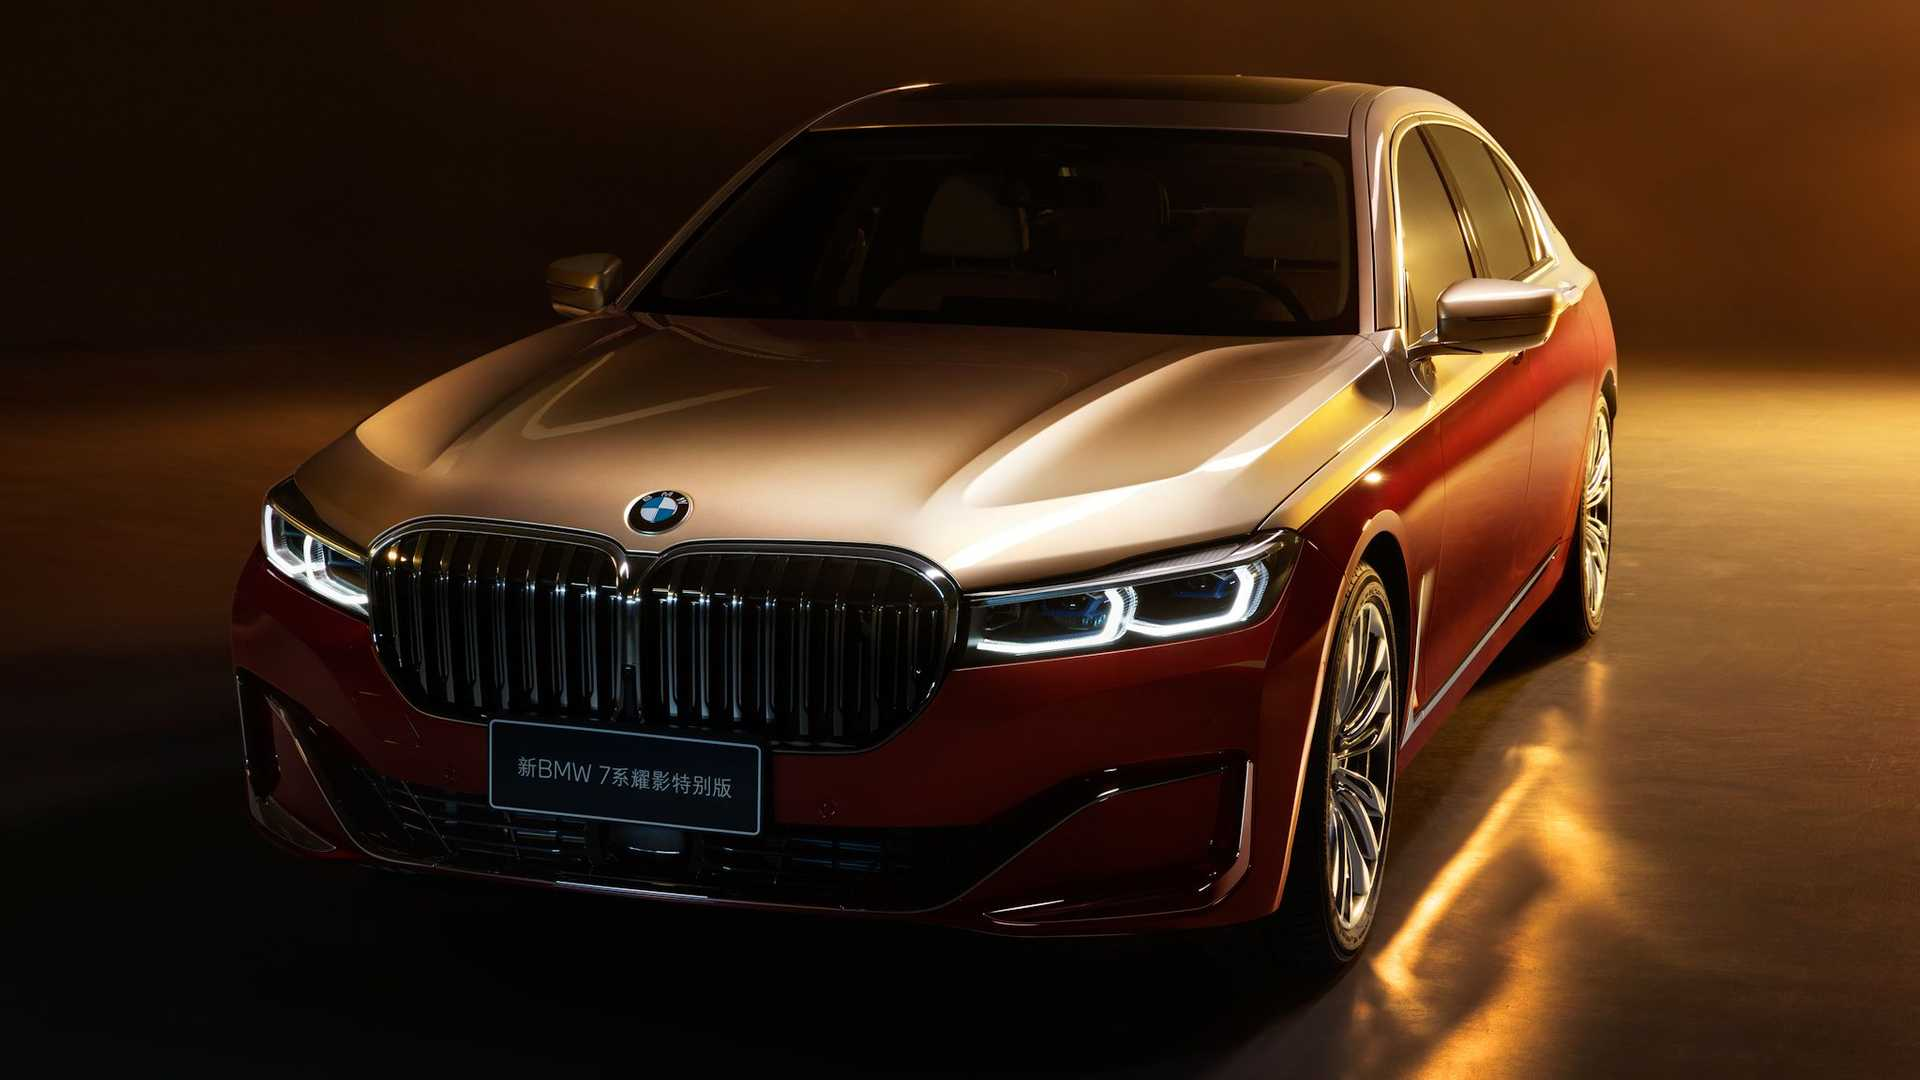 中国市場向け7シリーズの豪華限定モデル「BMW 7 Series ツートーン」